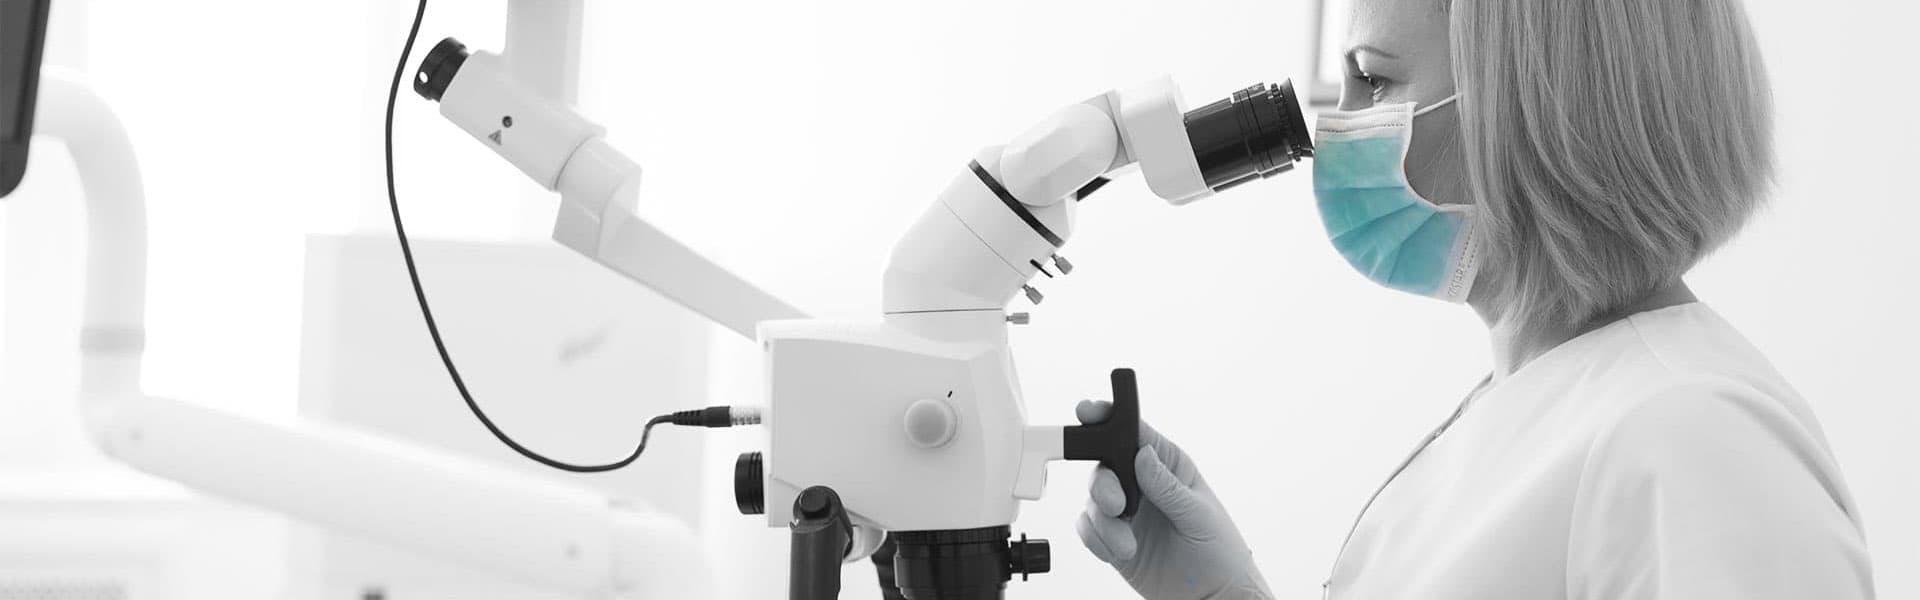 Для чего нужен стоматологический микроскоп? фото